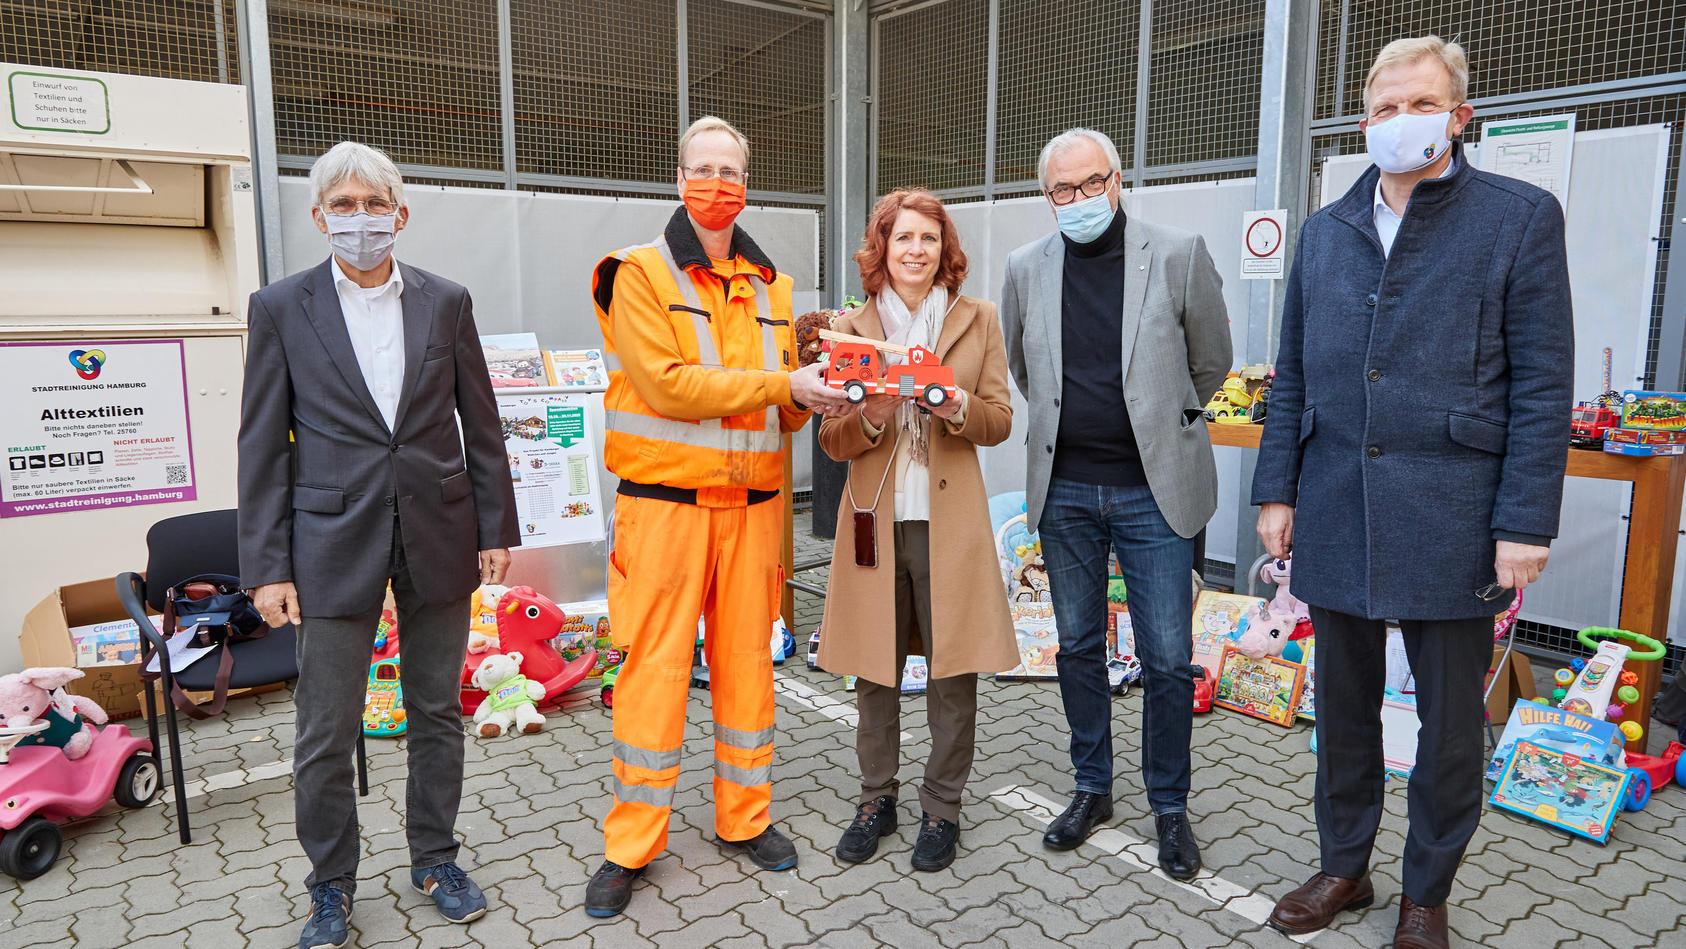 Stadtreinigung startet Sammlung von gebrauchtem Spielzeug